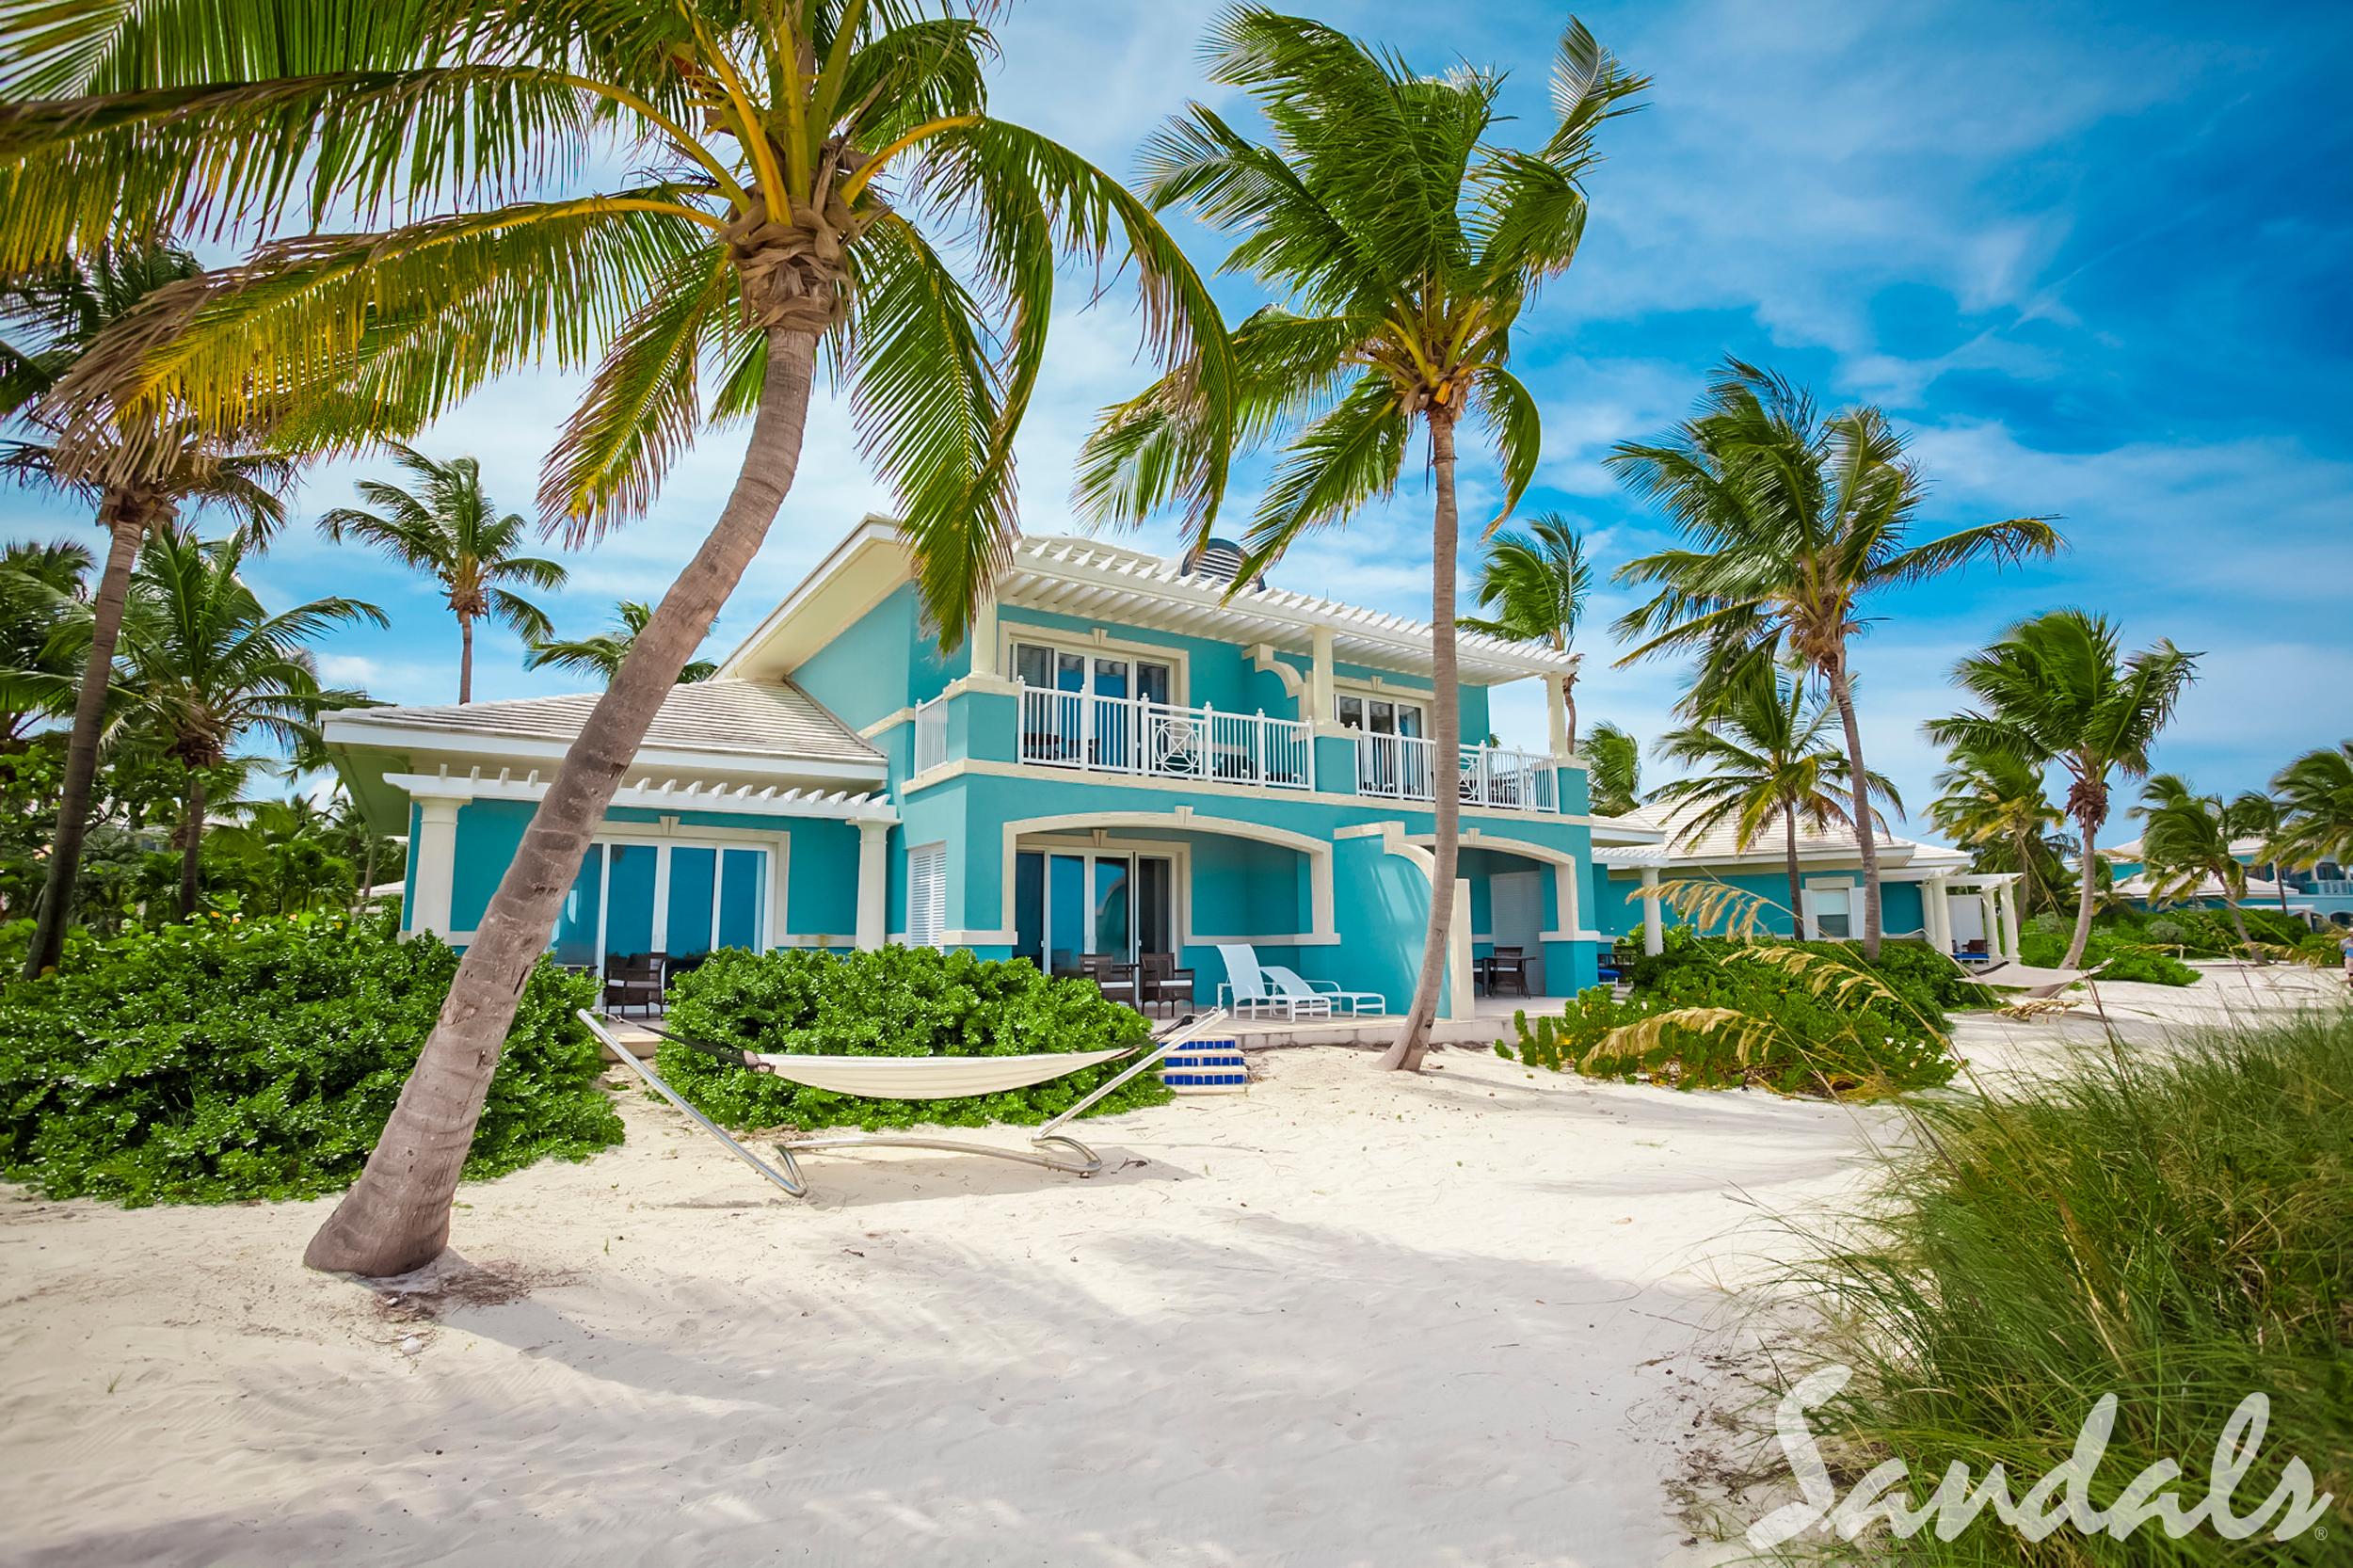 hôtel Sandals Emerald Bay, Bahamas - nouveau client Article Onze